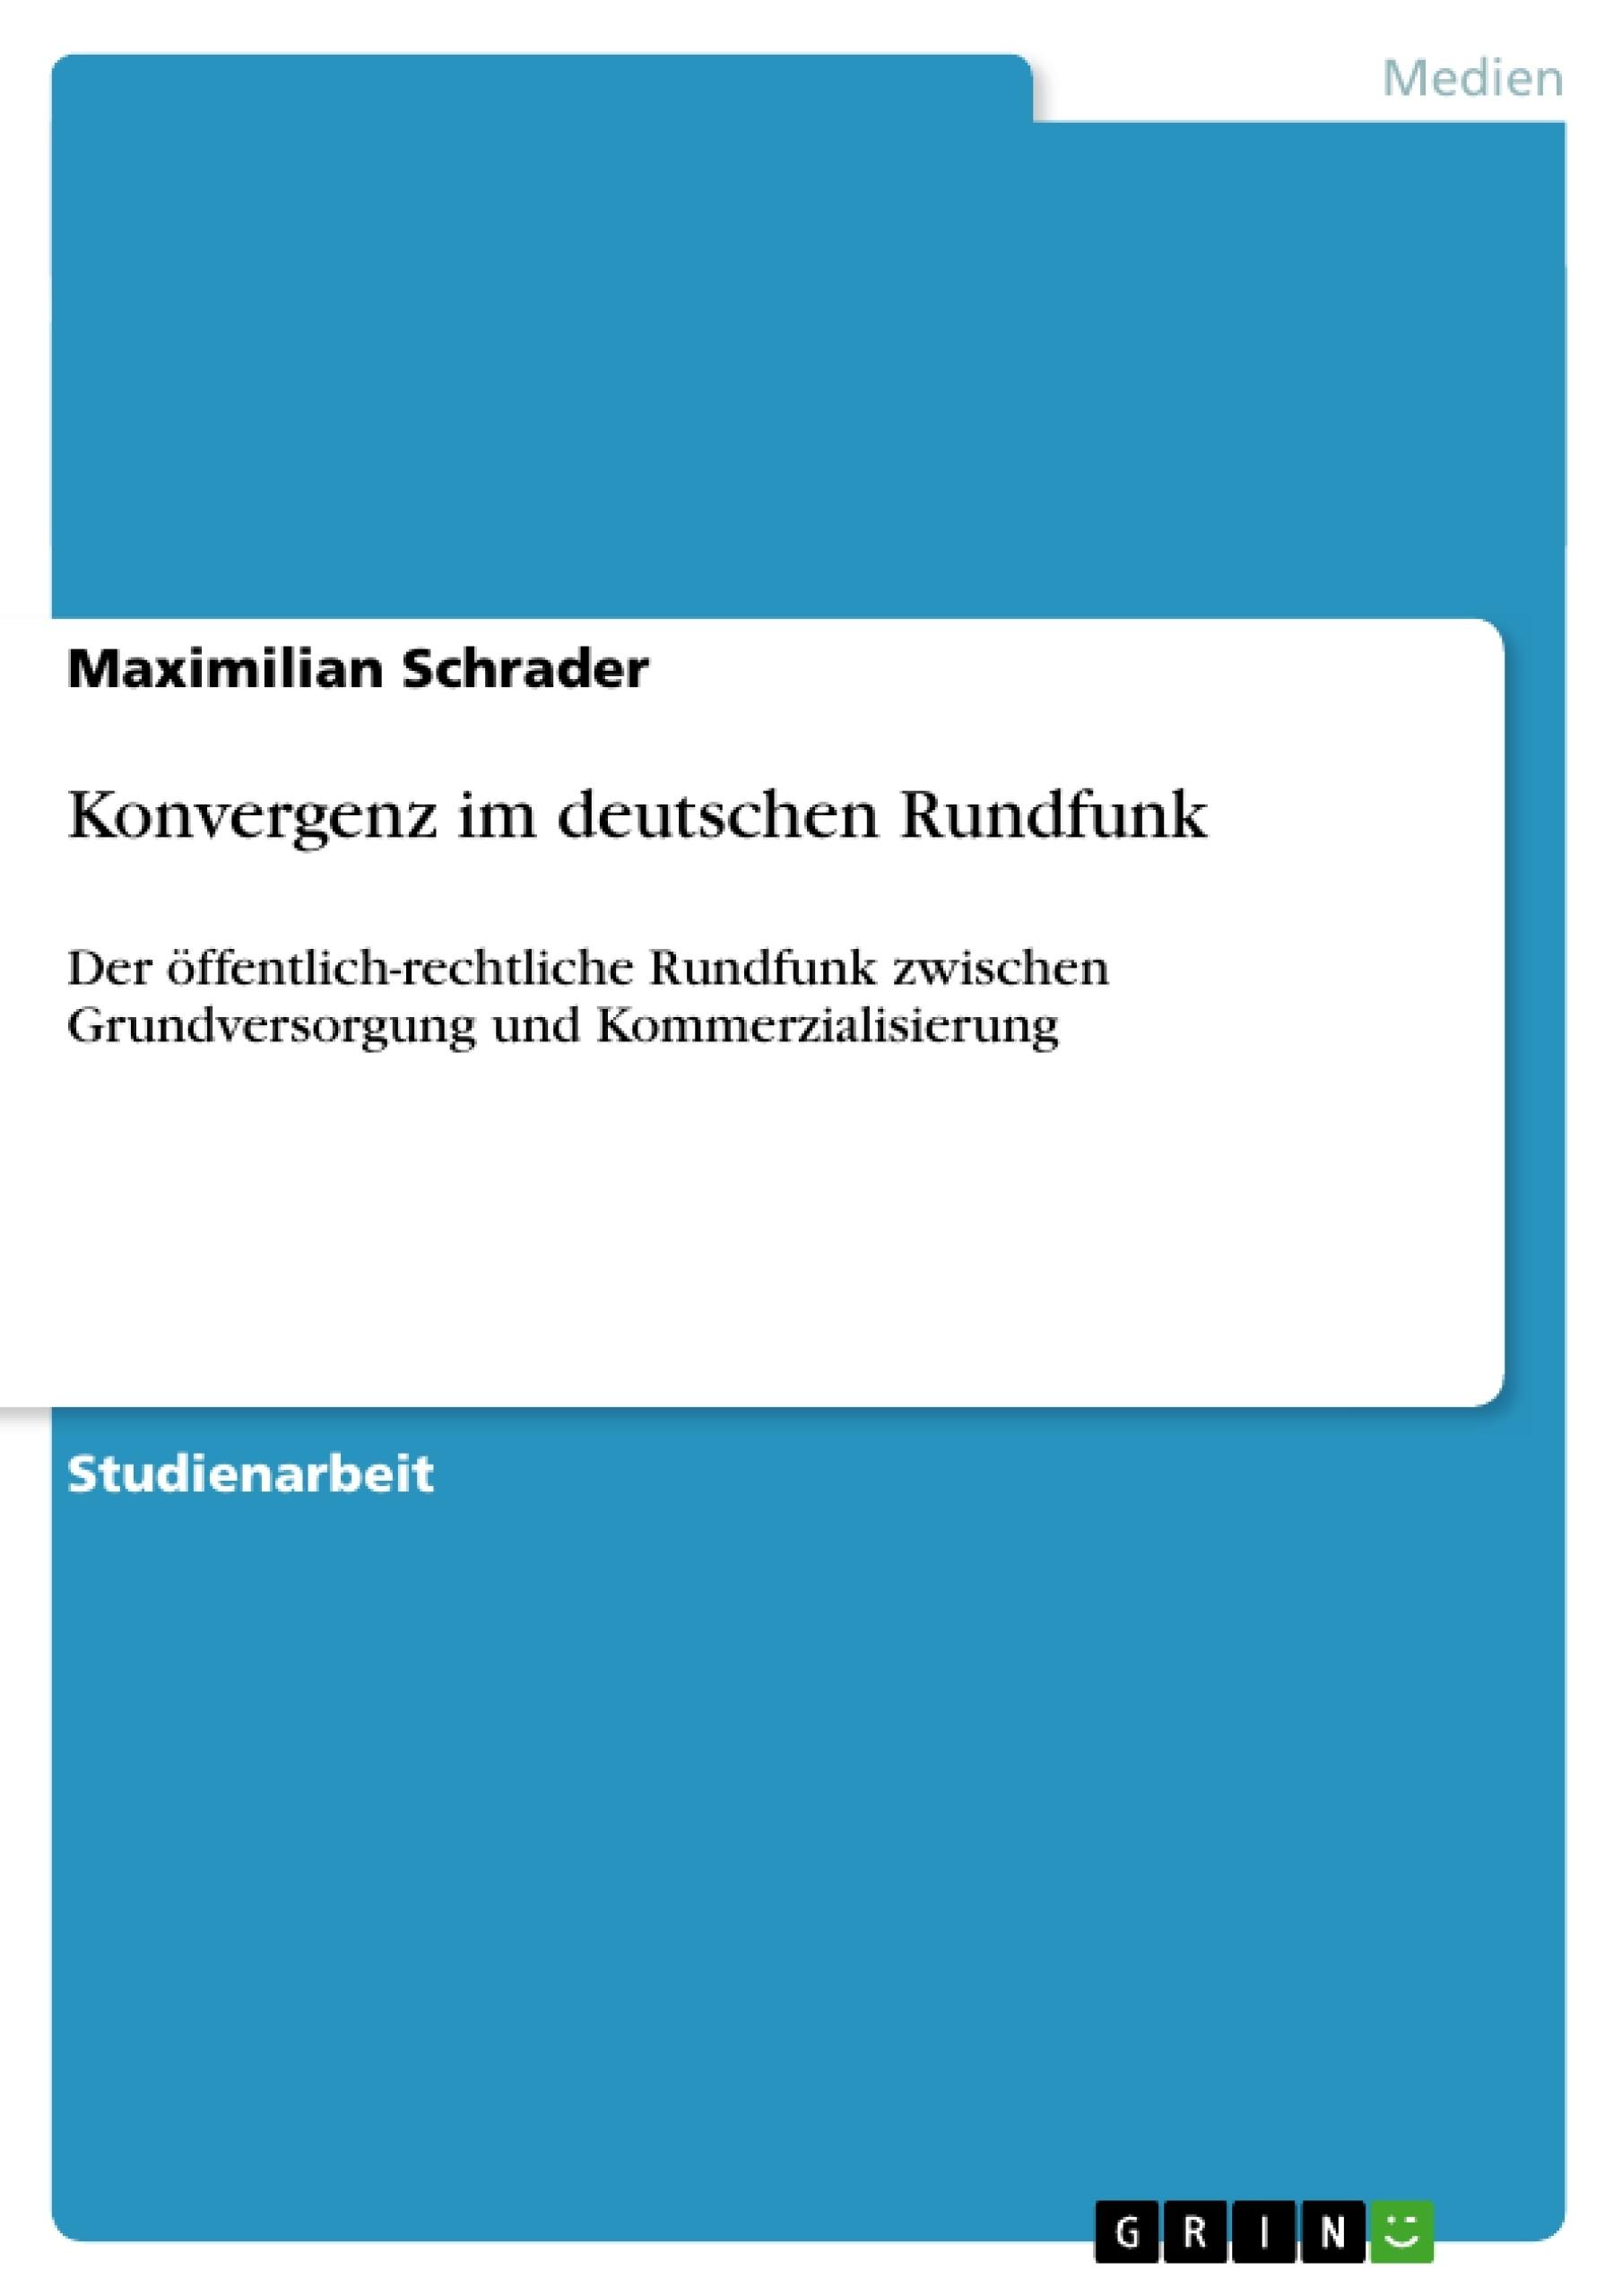 Titel: Konvergenz im deutschen Rundfunk